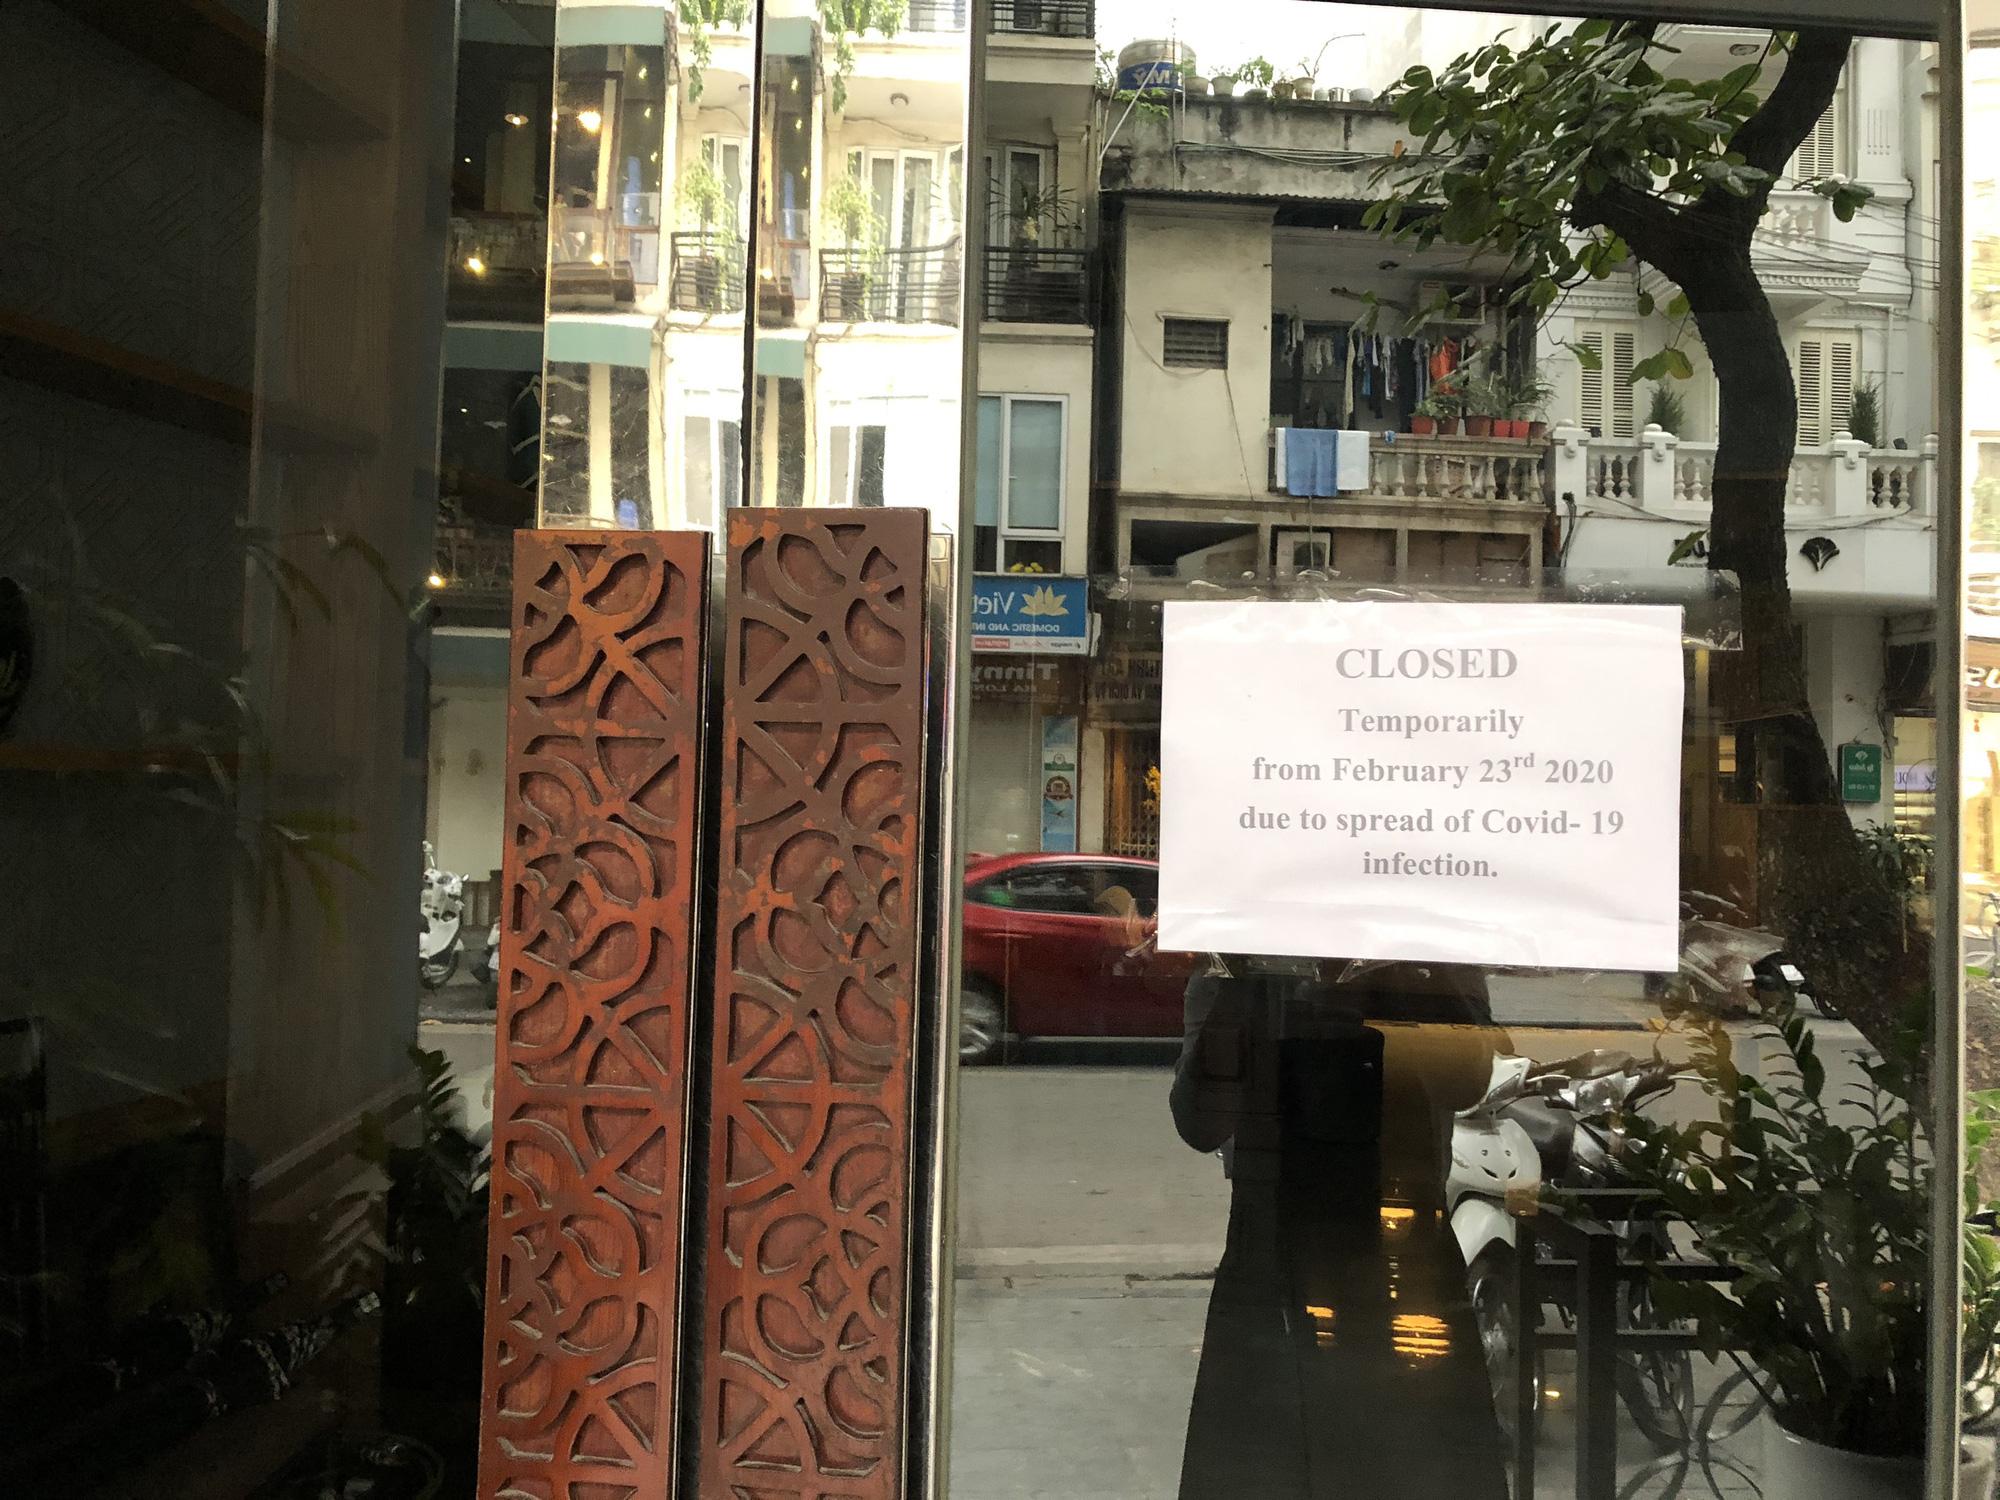 Hàng loạt khách sạn phố cổ Hà Nội đóng cửa, nhiều nơi giảm giá đến 60% để hút khách giữa mùa dịch virus corona - Ảnh 2.